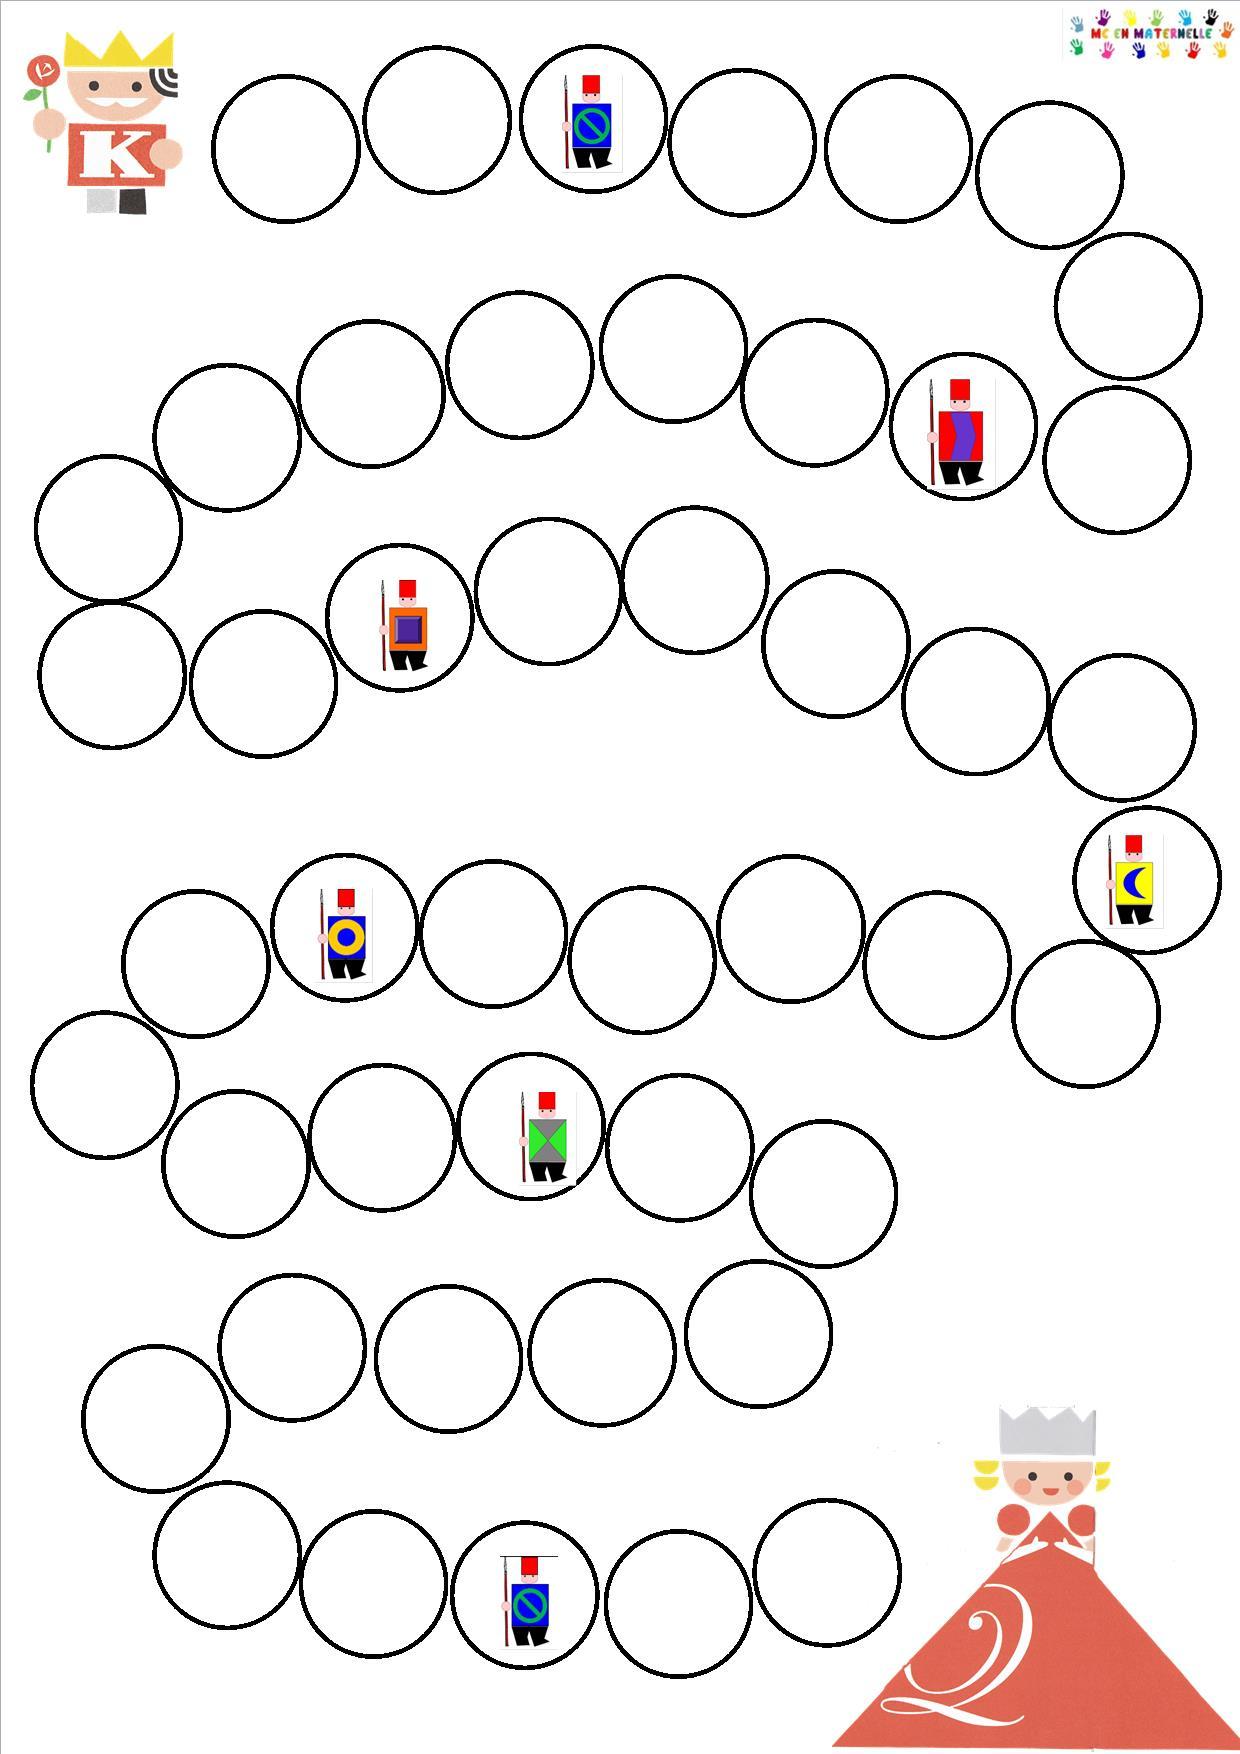 Le Tout Petit Roi : Jeu Mathématiques – Mc En Maternelle avec Jeux Gratuit Maternelle Petite Section